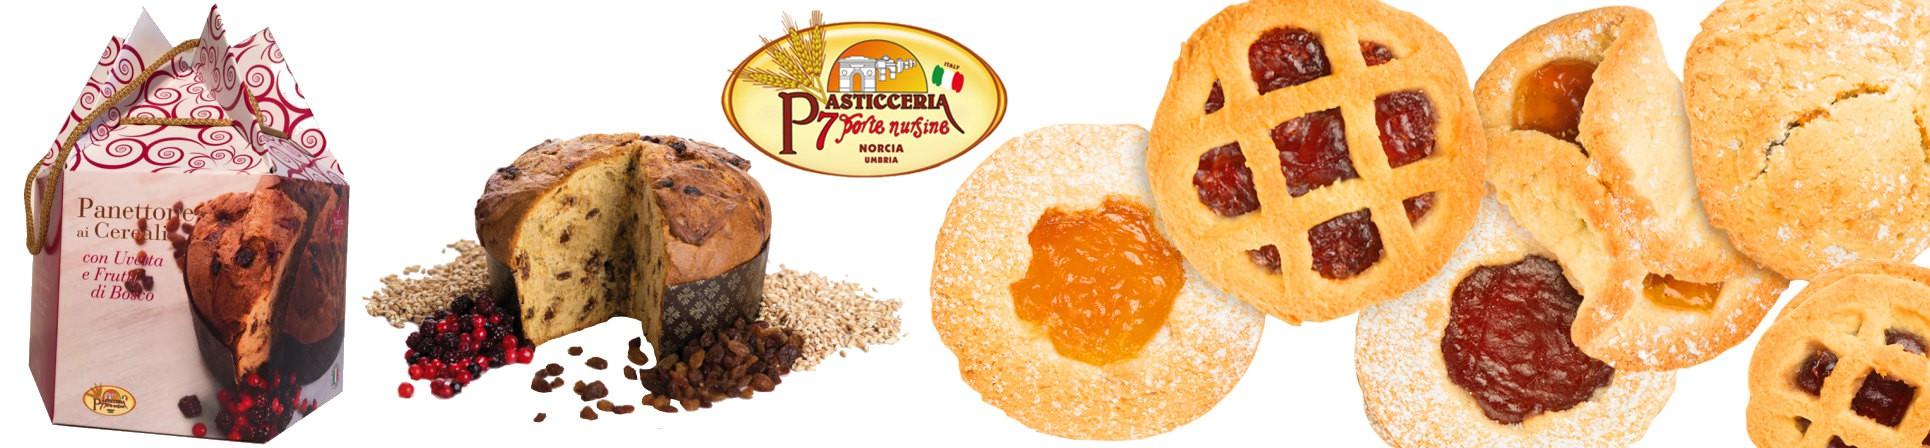 Pasticceria artigianale, panettoni artigianali, biscotti, crostatine Vendita Online - Dolciaria Severini